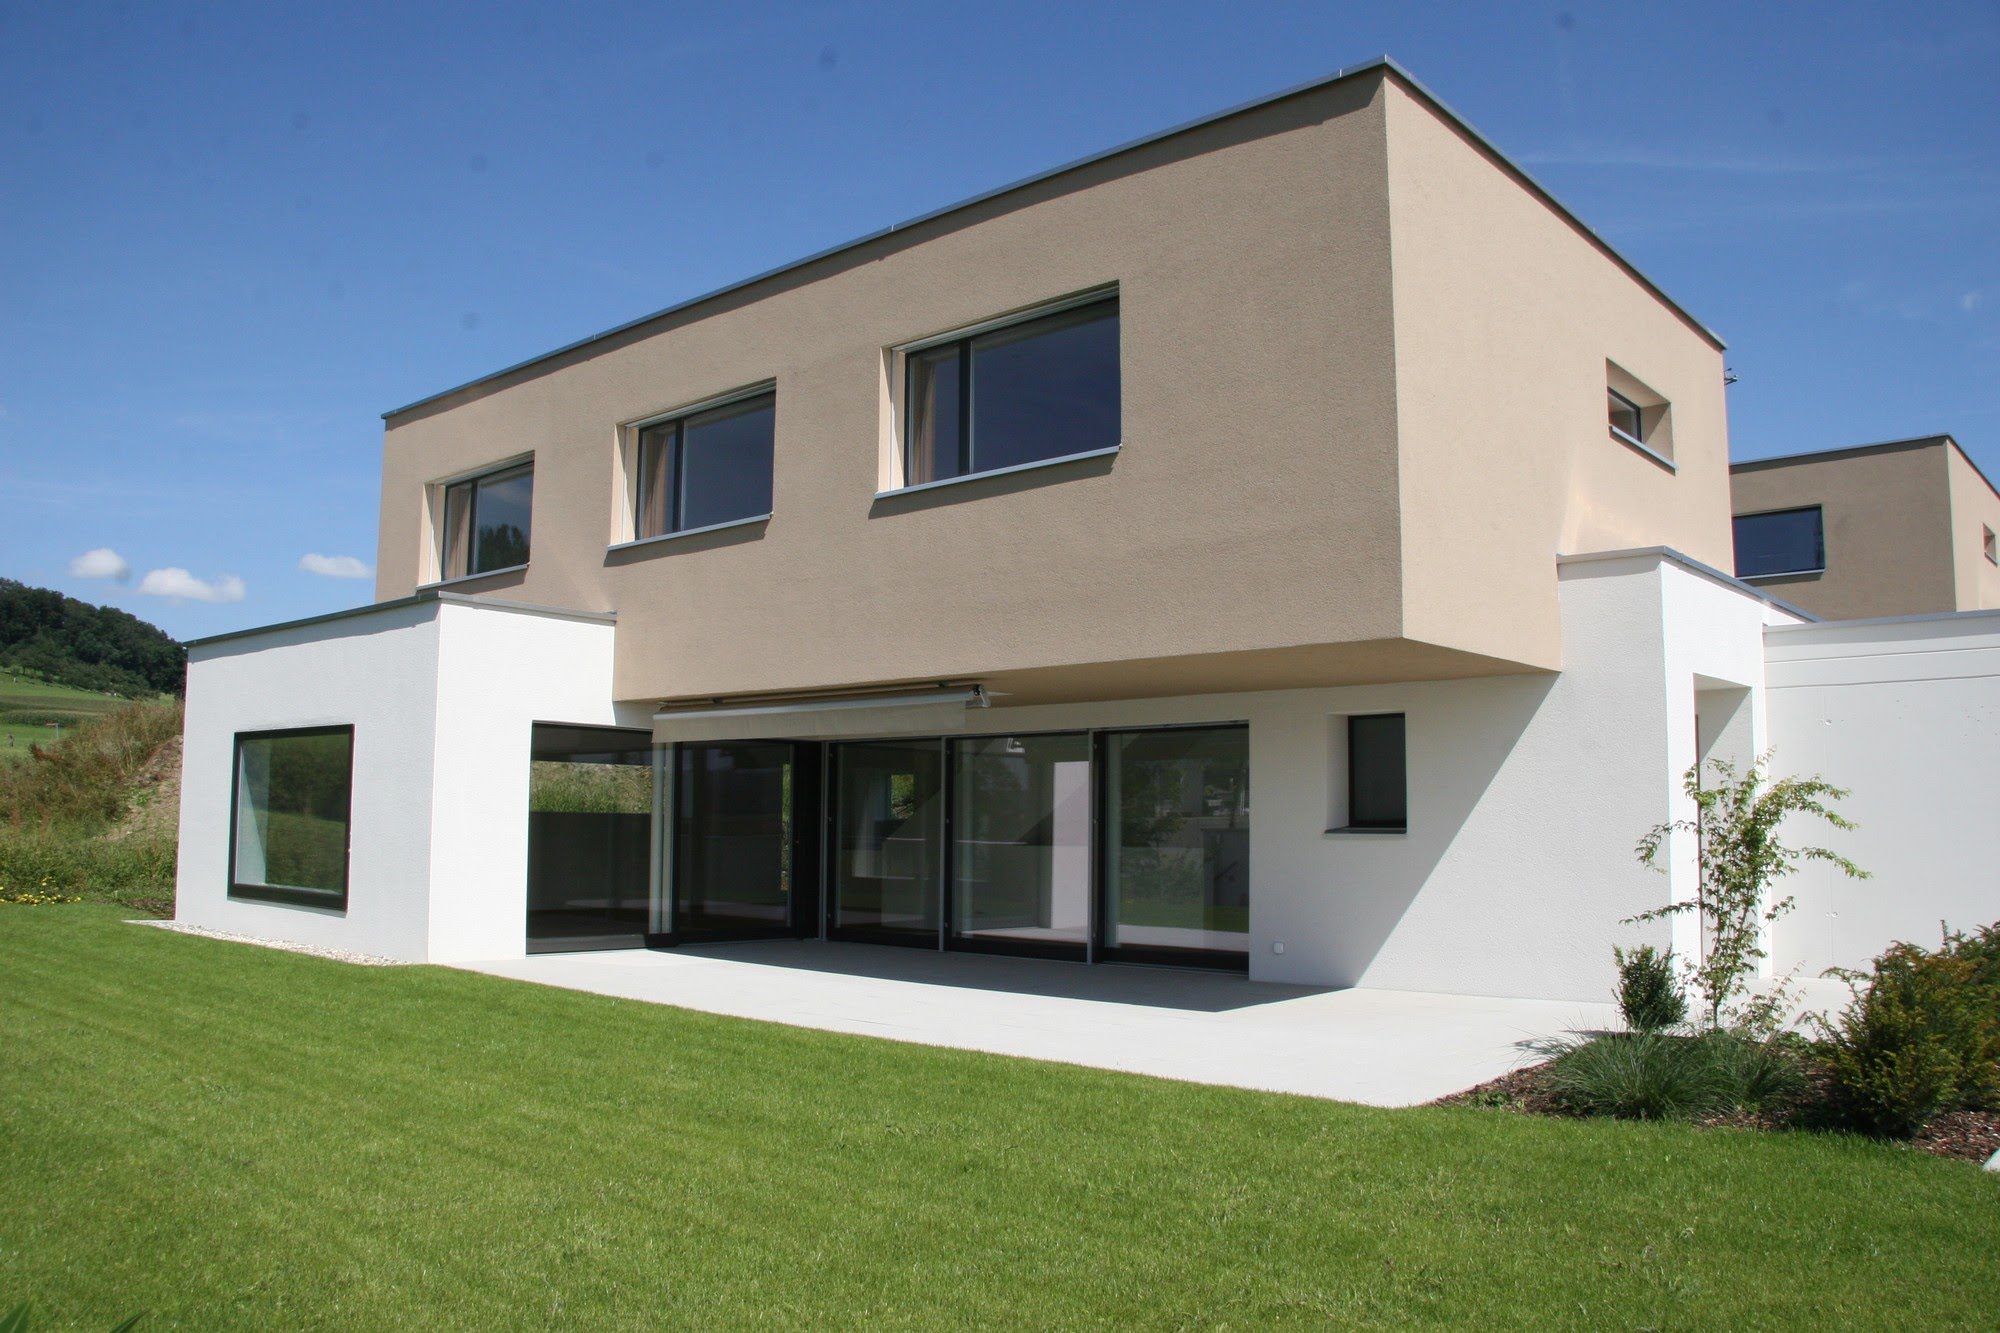 Wohnen EFH Drei EFH Gassmatt Architektur,Wohnungsbau,Wohnhäuser,Einfamilienhäuser,Mehrfamilienhäuser